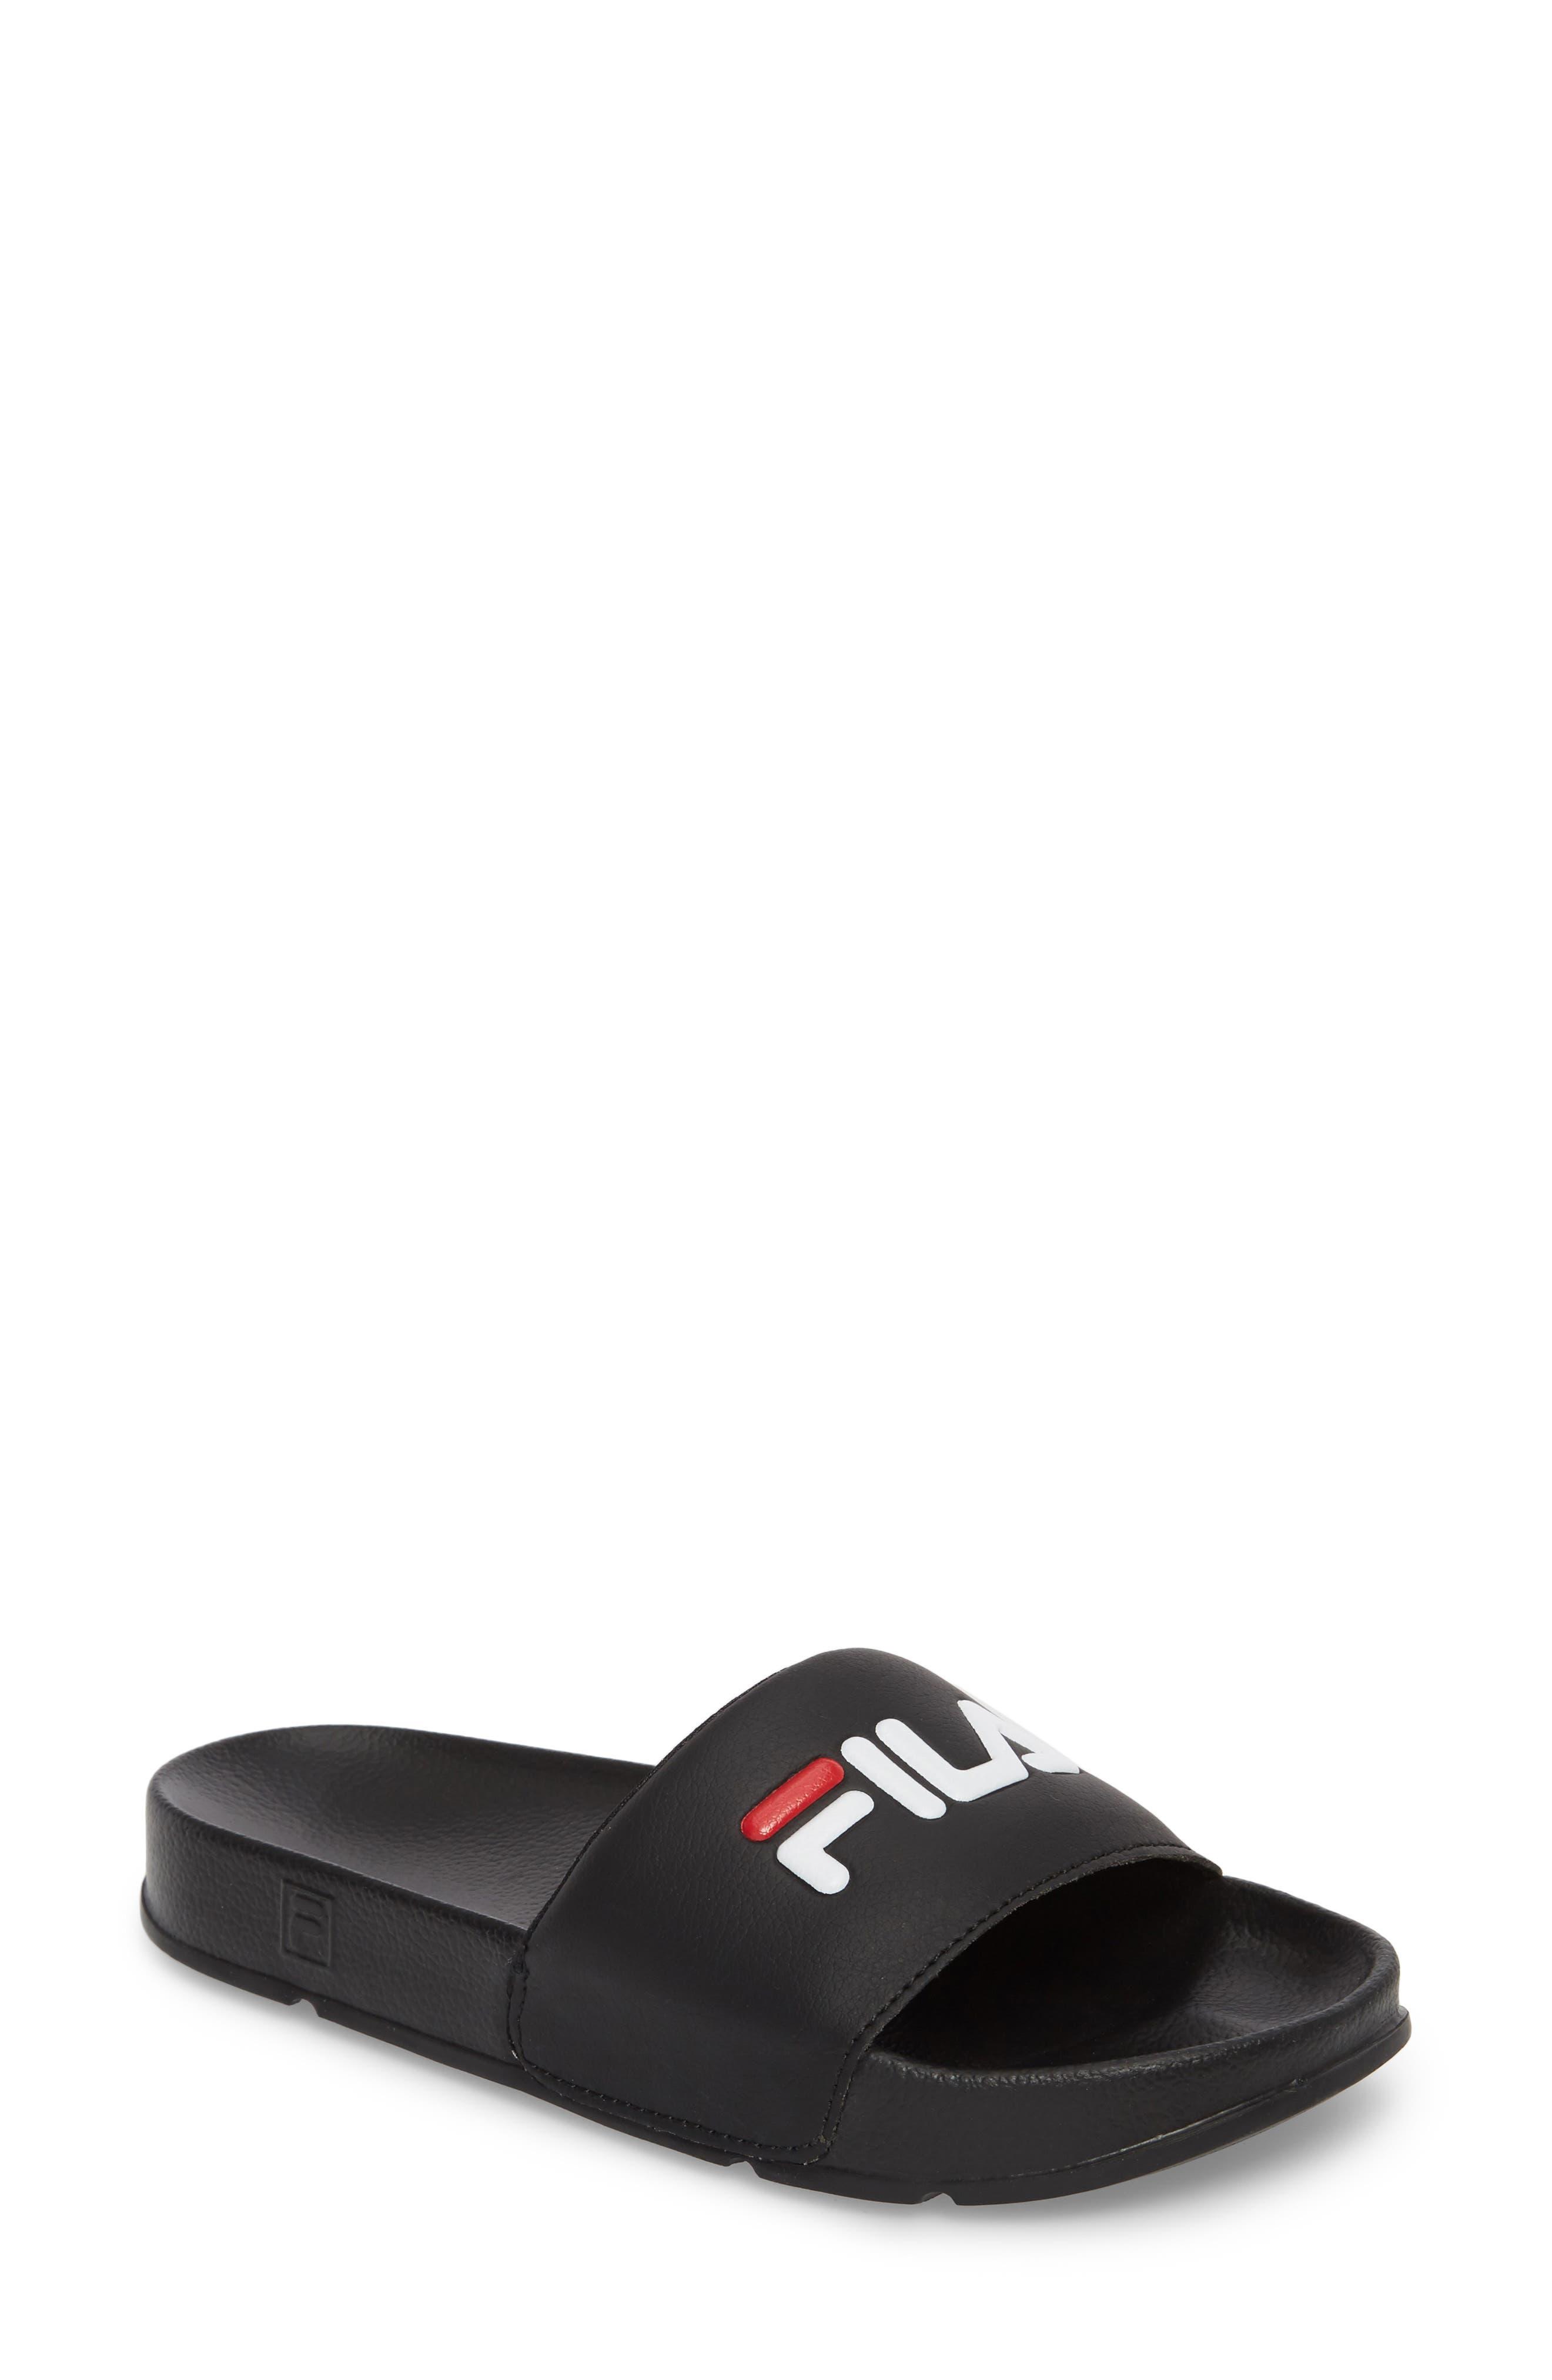 Drifter Slide Sandal,                         Main,                         color, Black/ Red/ White